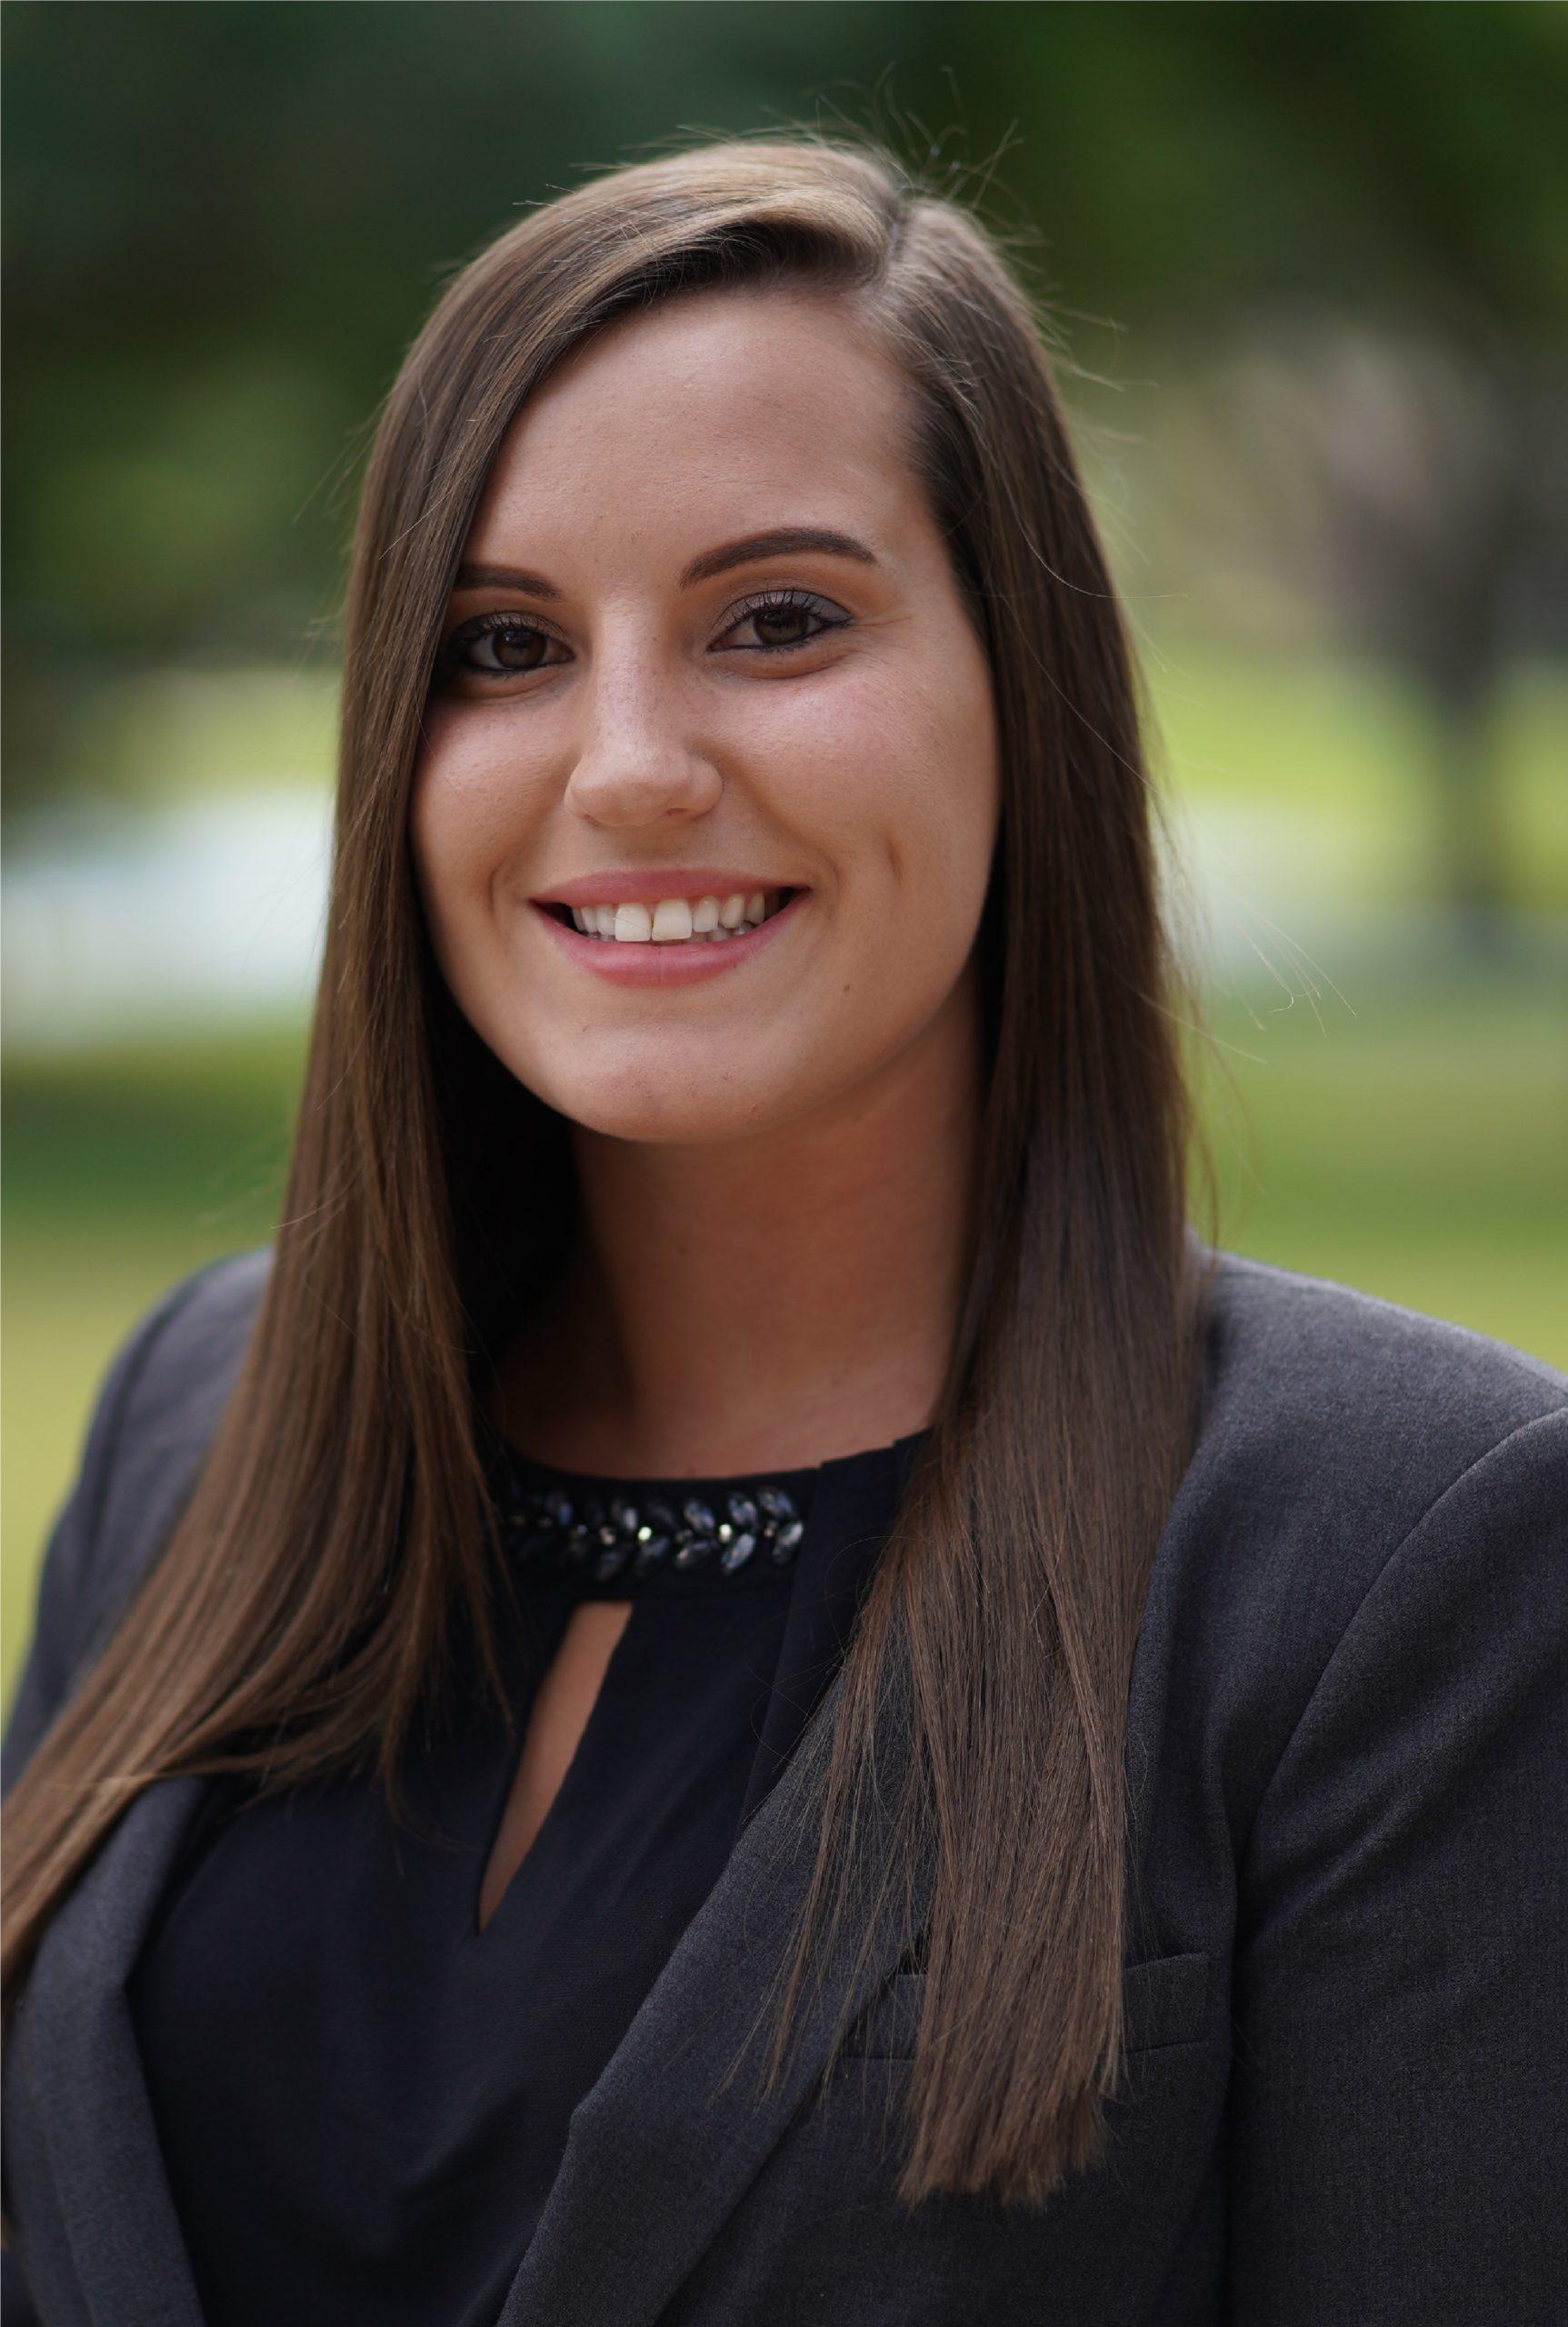 Ashley Ciccosanti